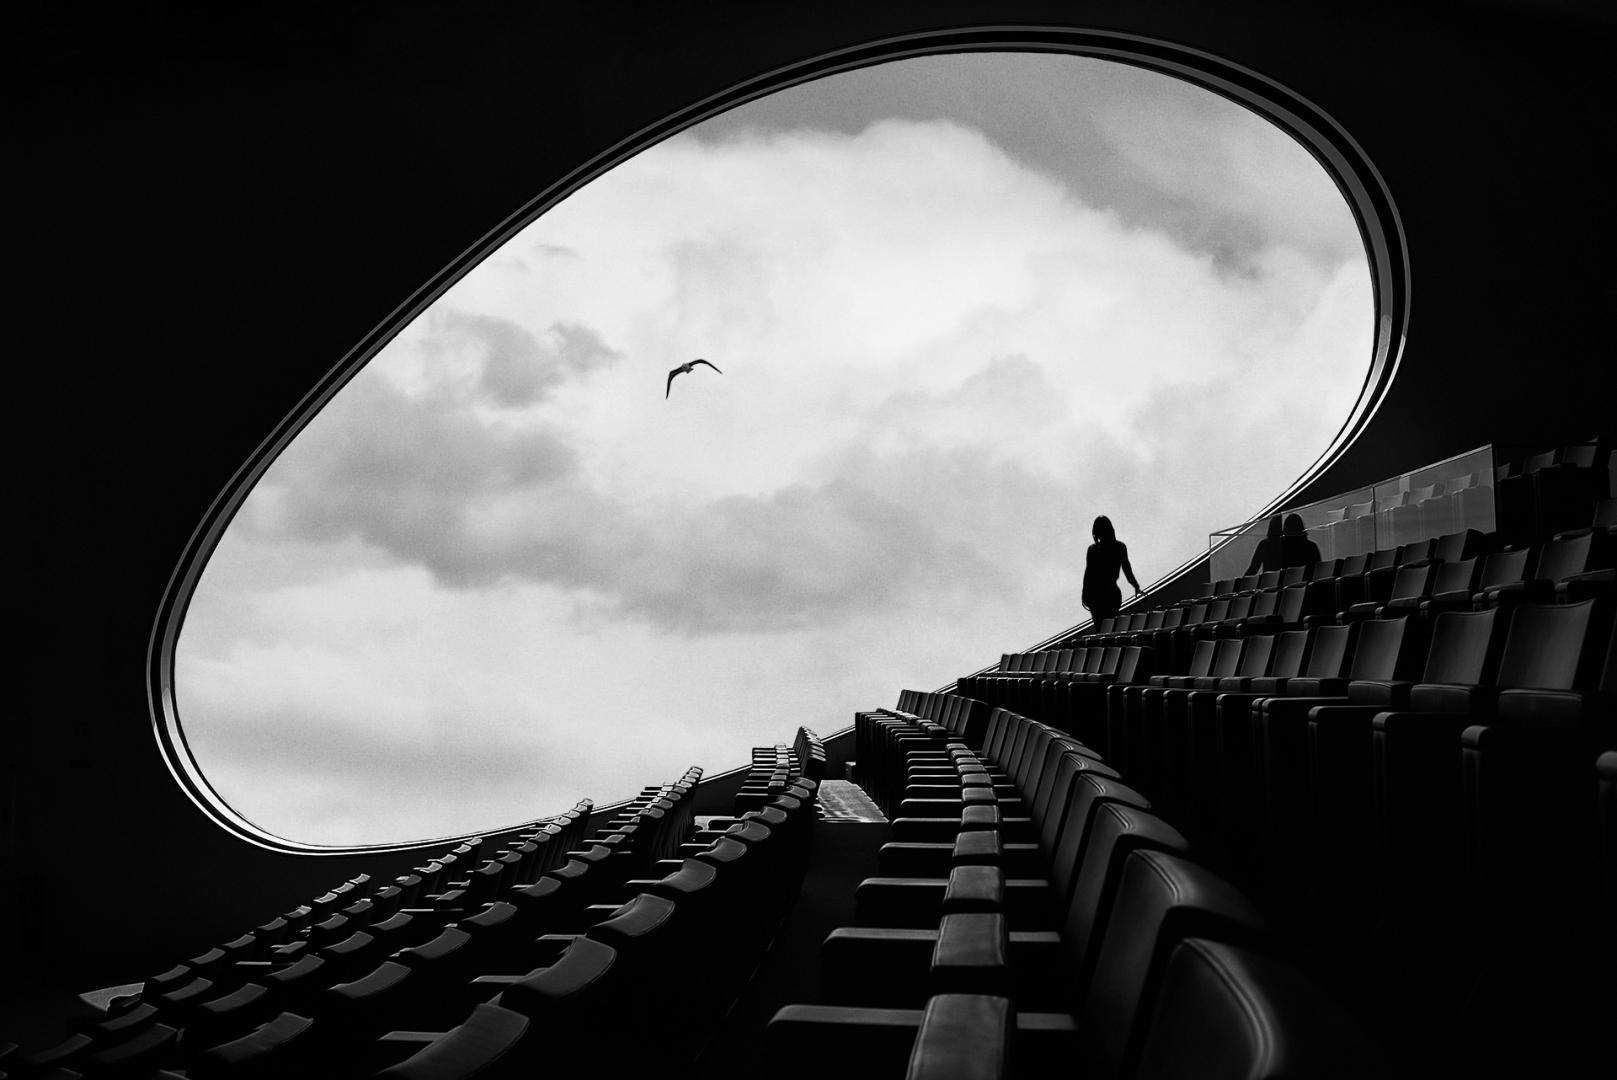 Arquitetura/Bird watching